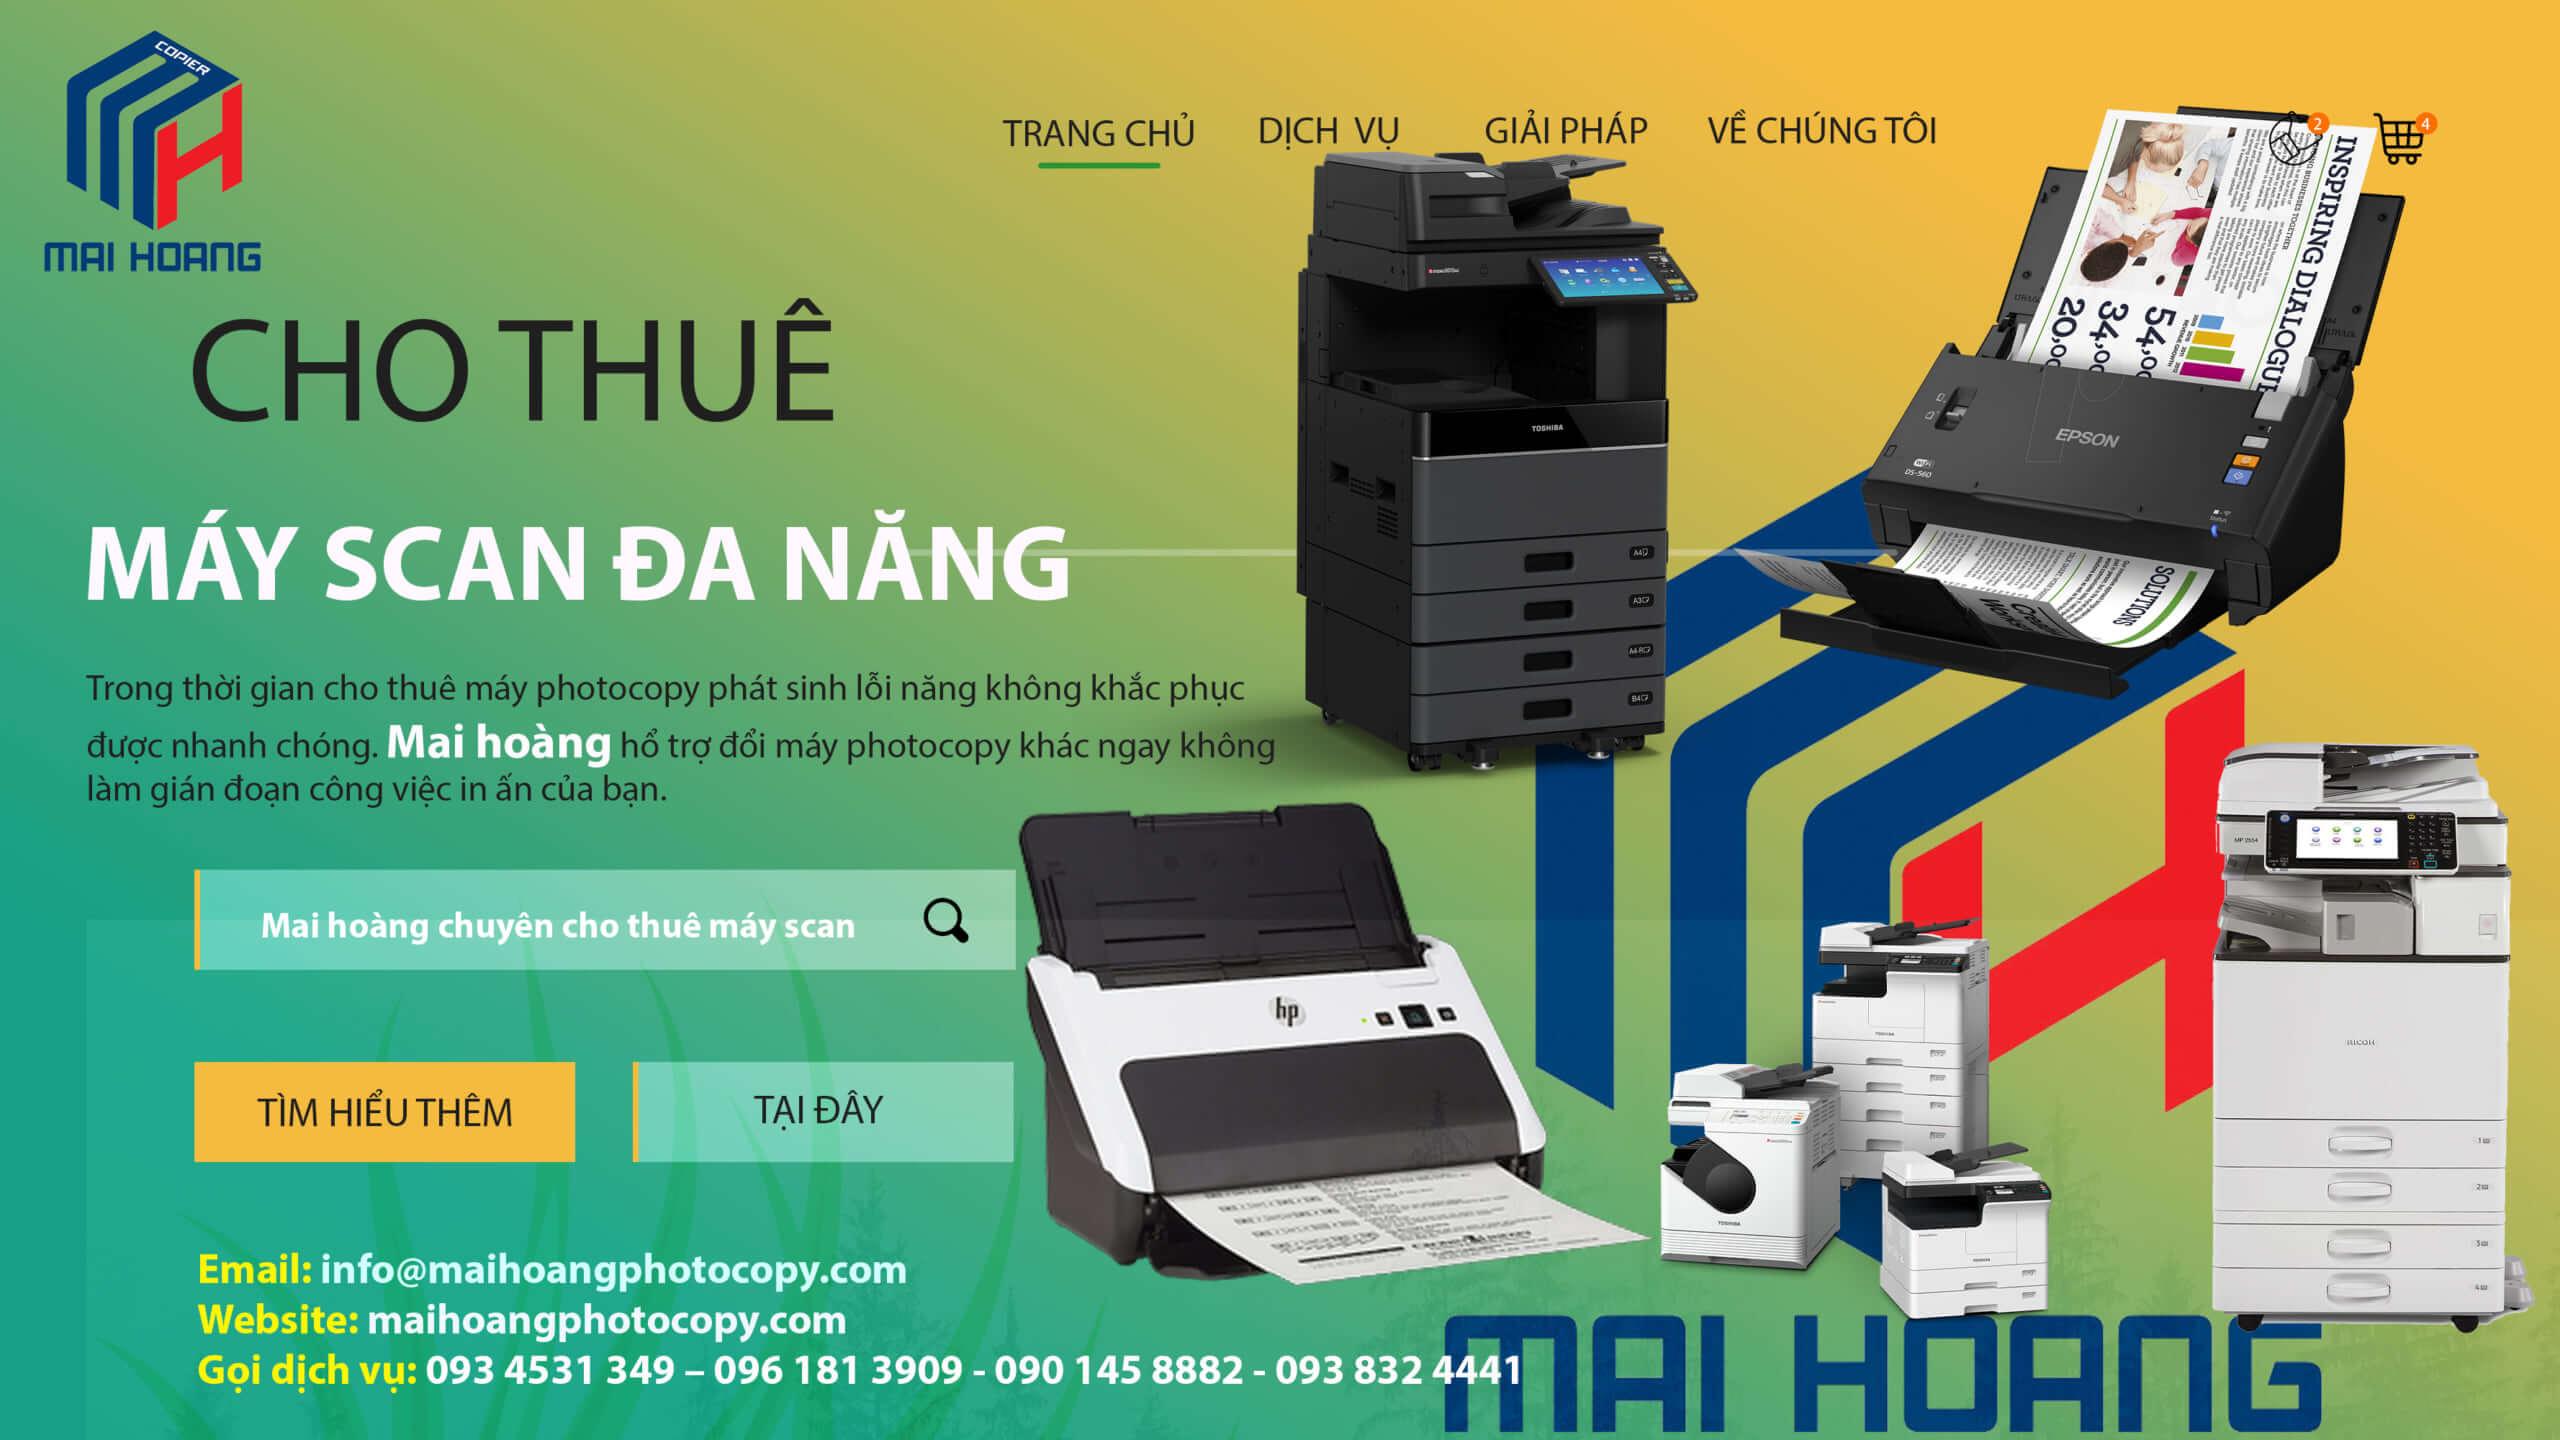 Bảng giá Dịch vụ cho thuê máy Photocopy ở Khu Công Nghiệp Cầu Tràm